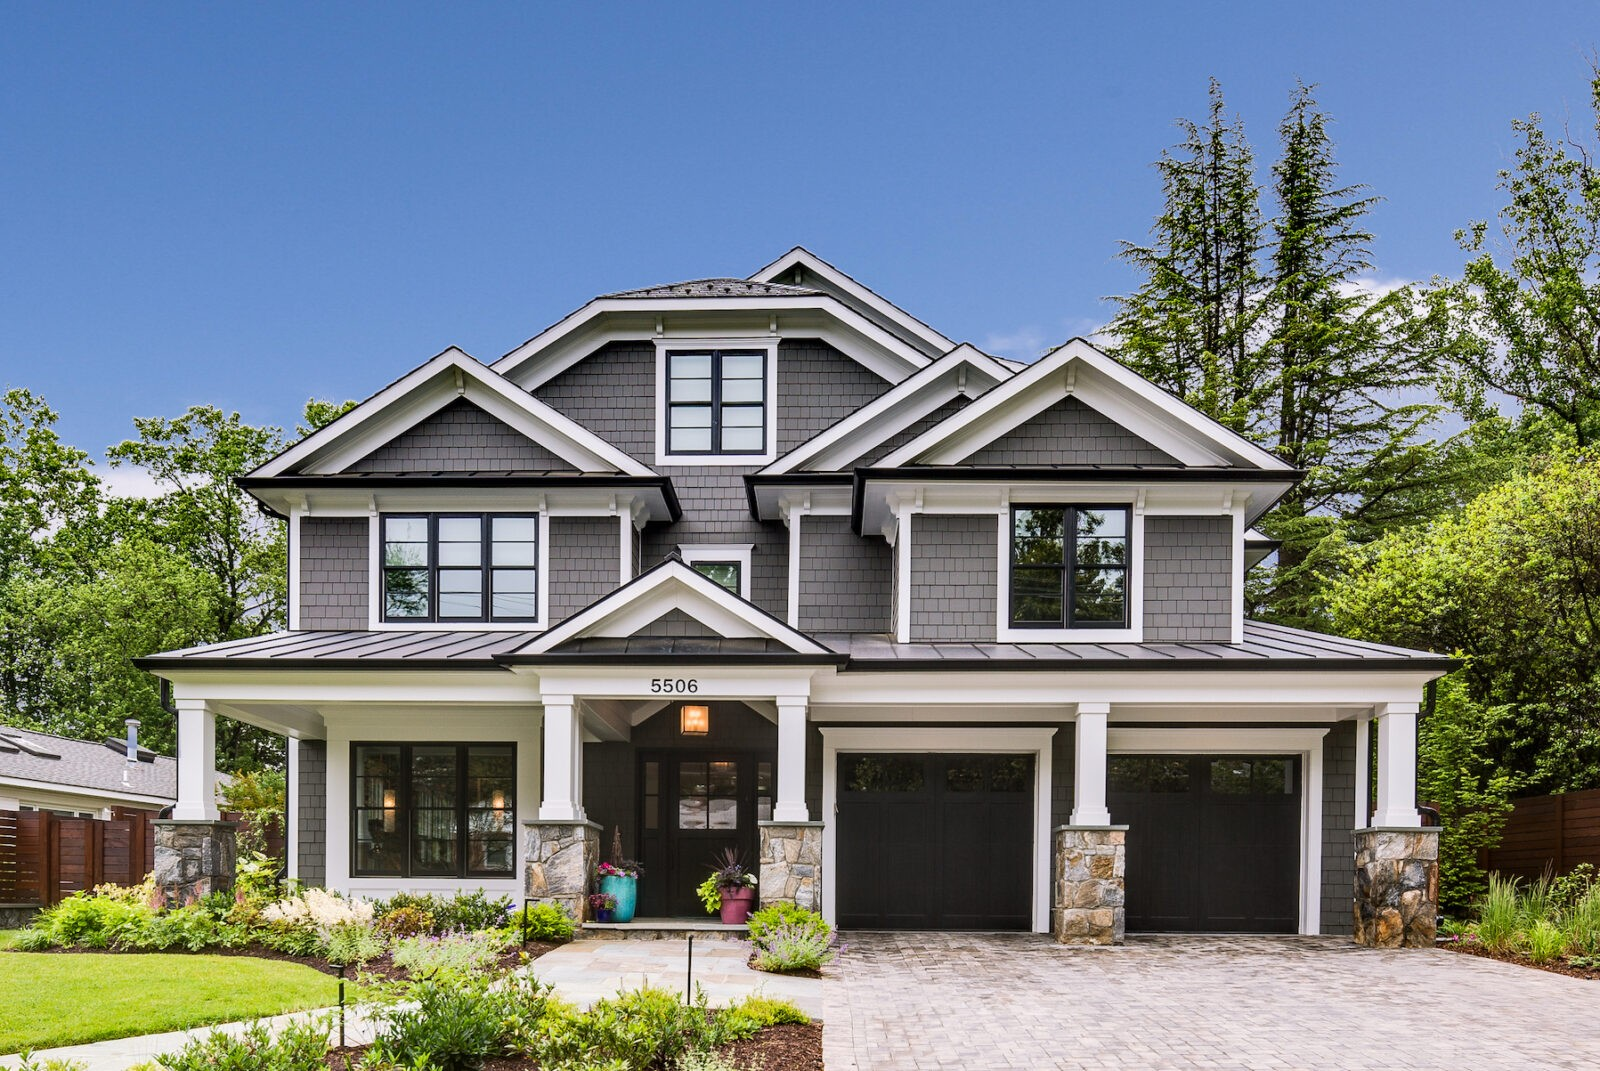 Home builder Bethesda